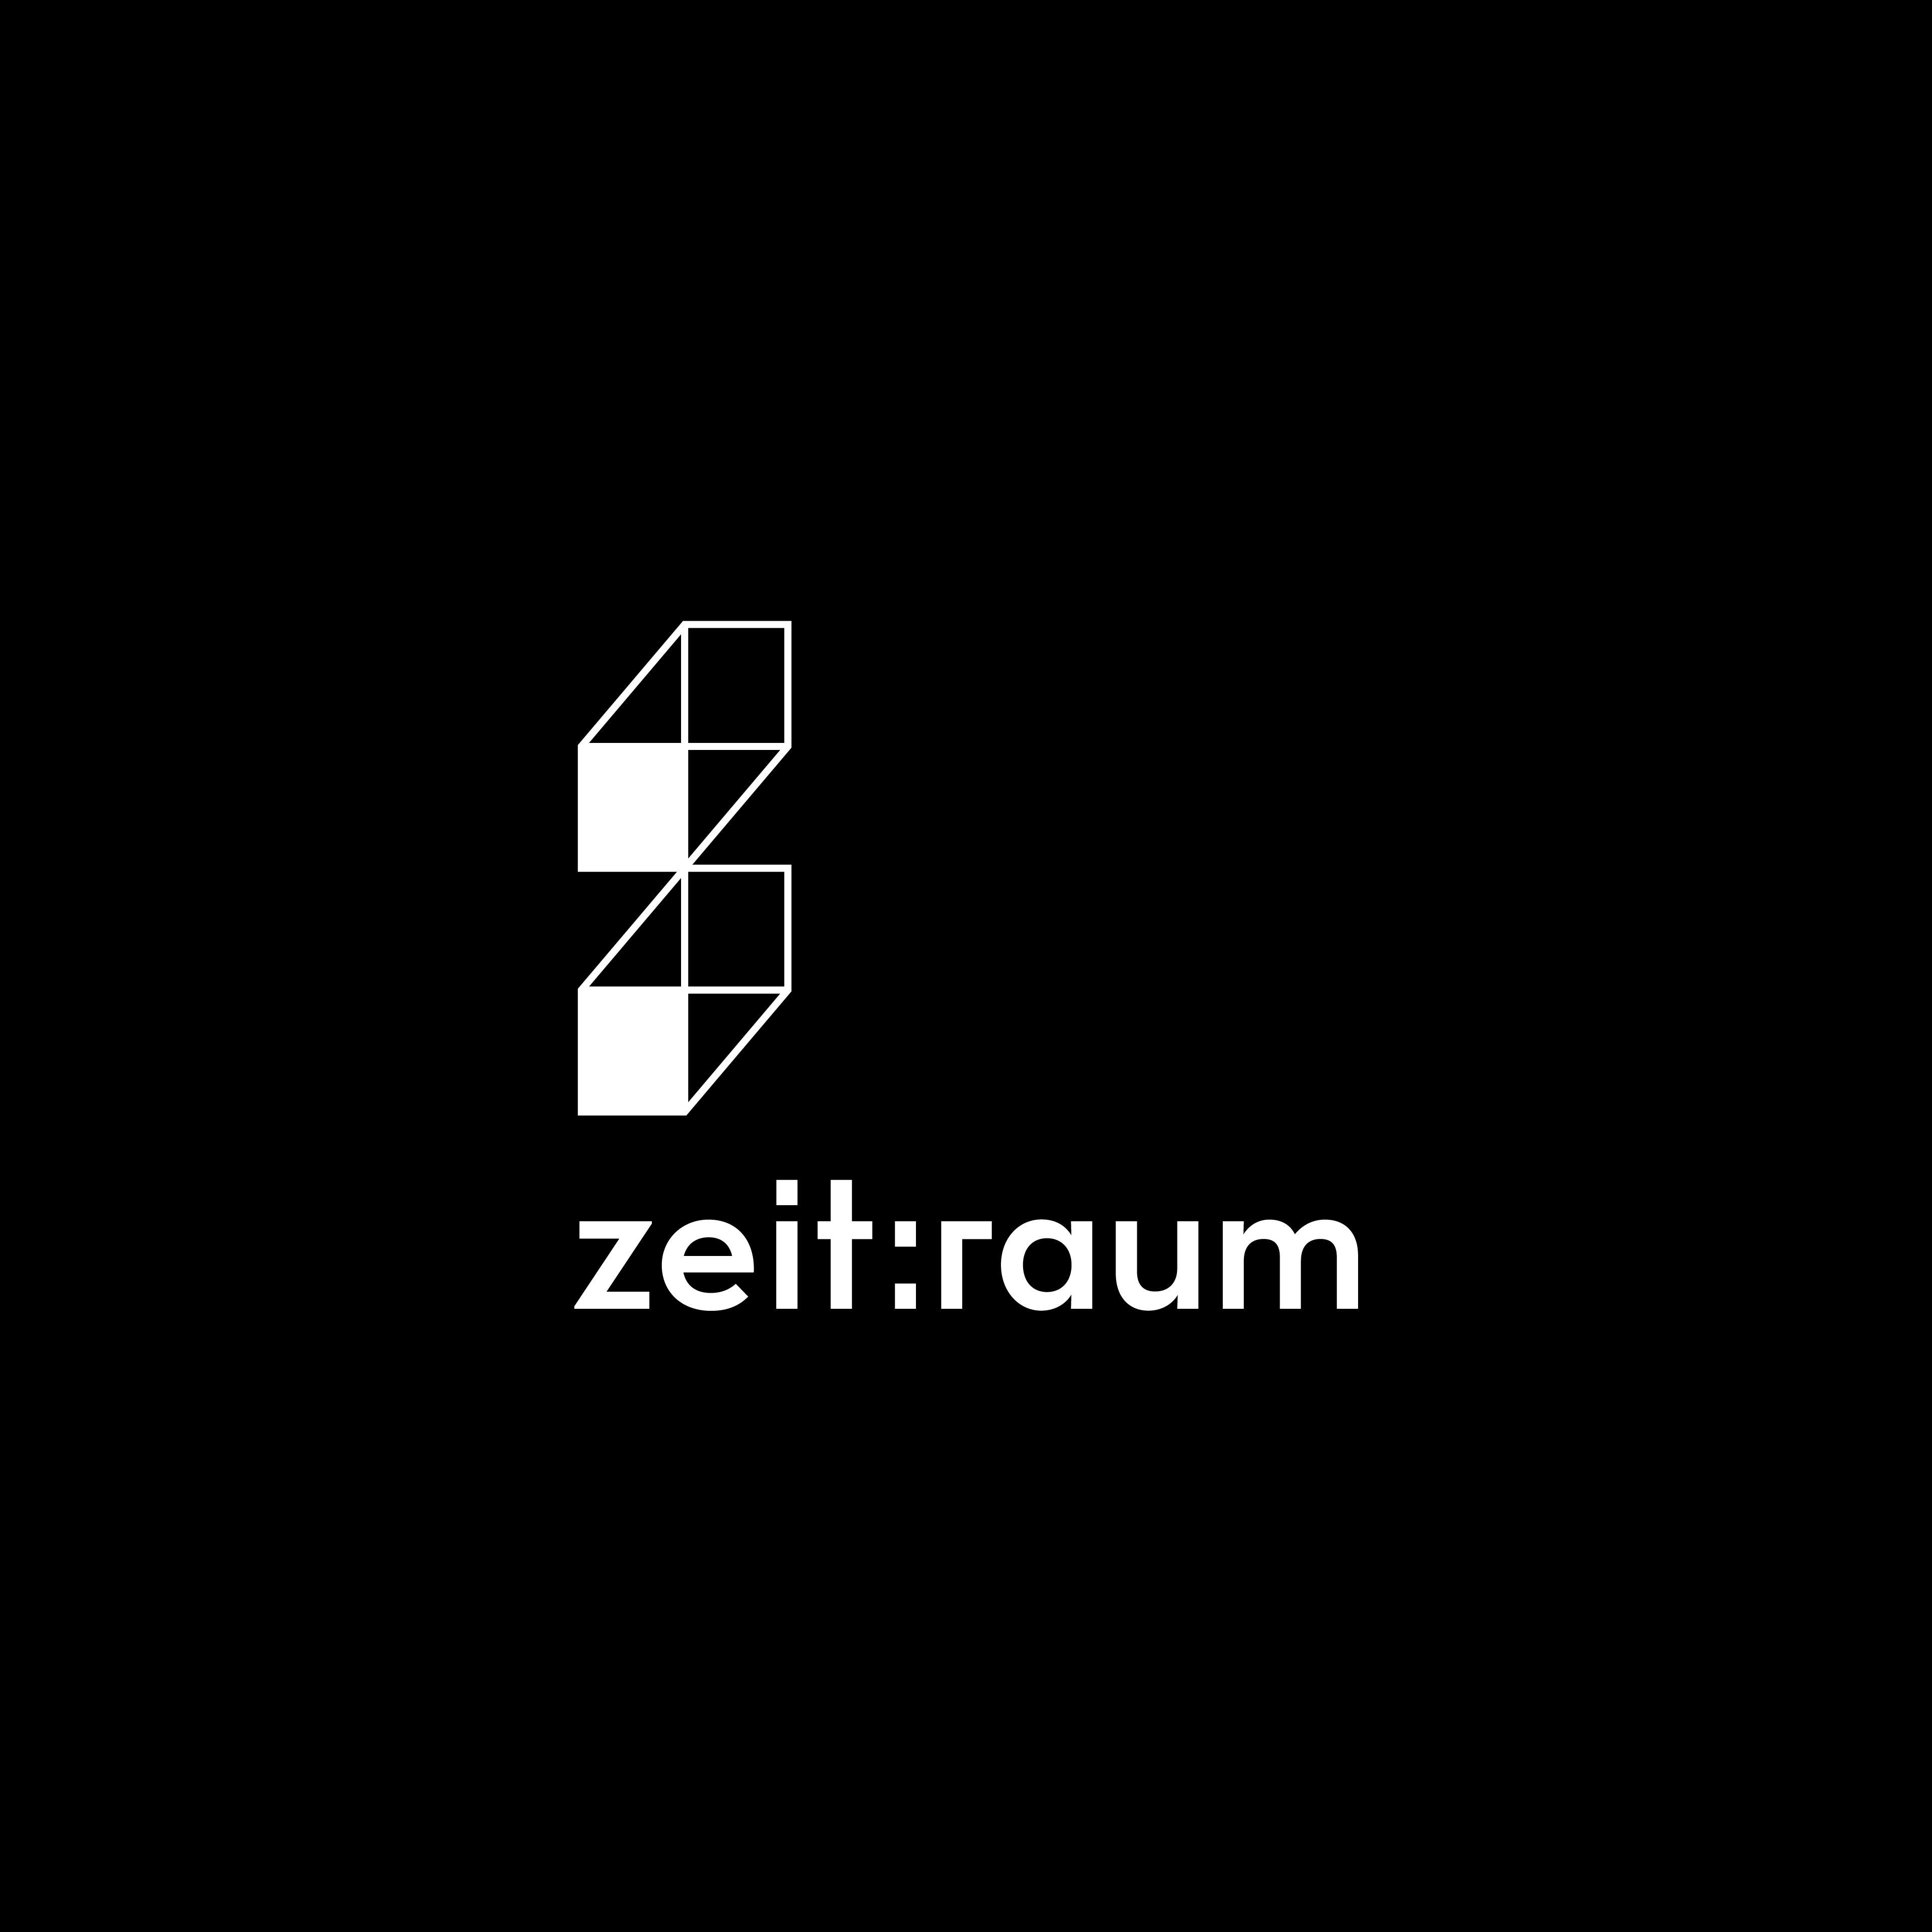 zeitraum_logo